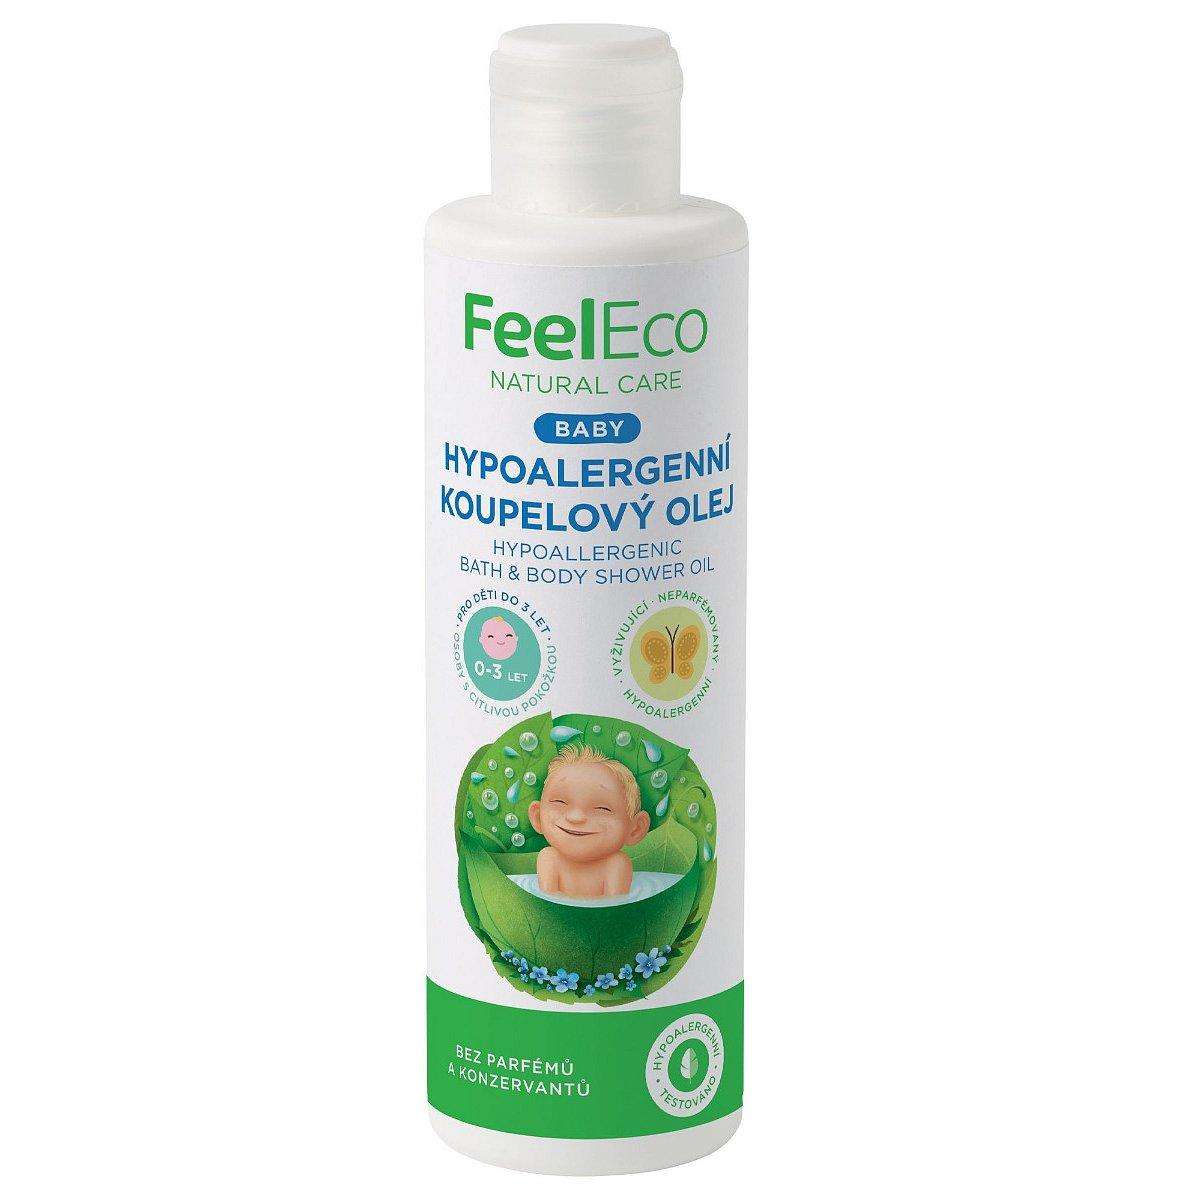 Feel Eco Baby Hypoalergenní koupelový olej 200 ml